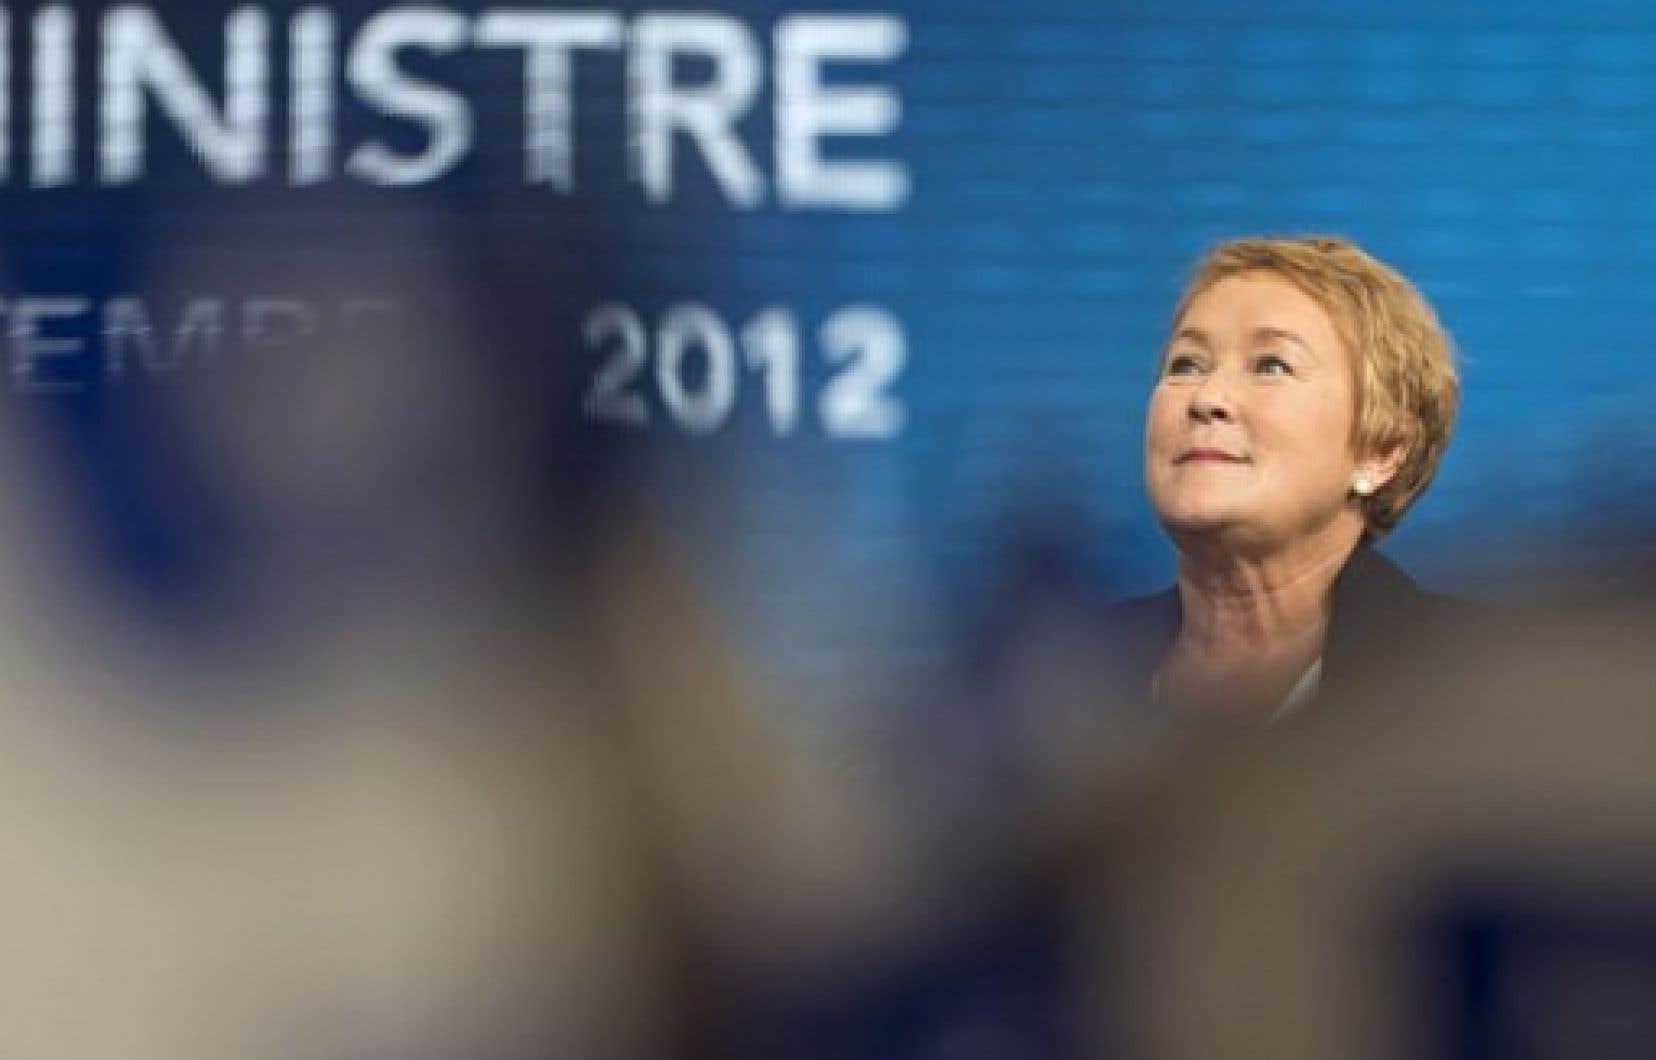 «Une page d'histoire s'ouvre pour le Québec. Pour la première fois, le gouvernement du Québec sera dirigé par une femme», a déclaré Pauline Marois dans son allocution en fin de soirée mardi. <br />